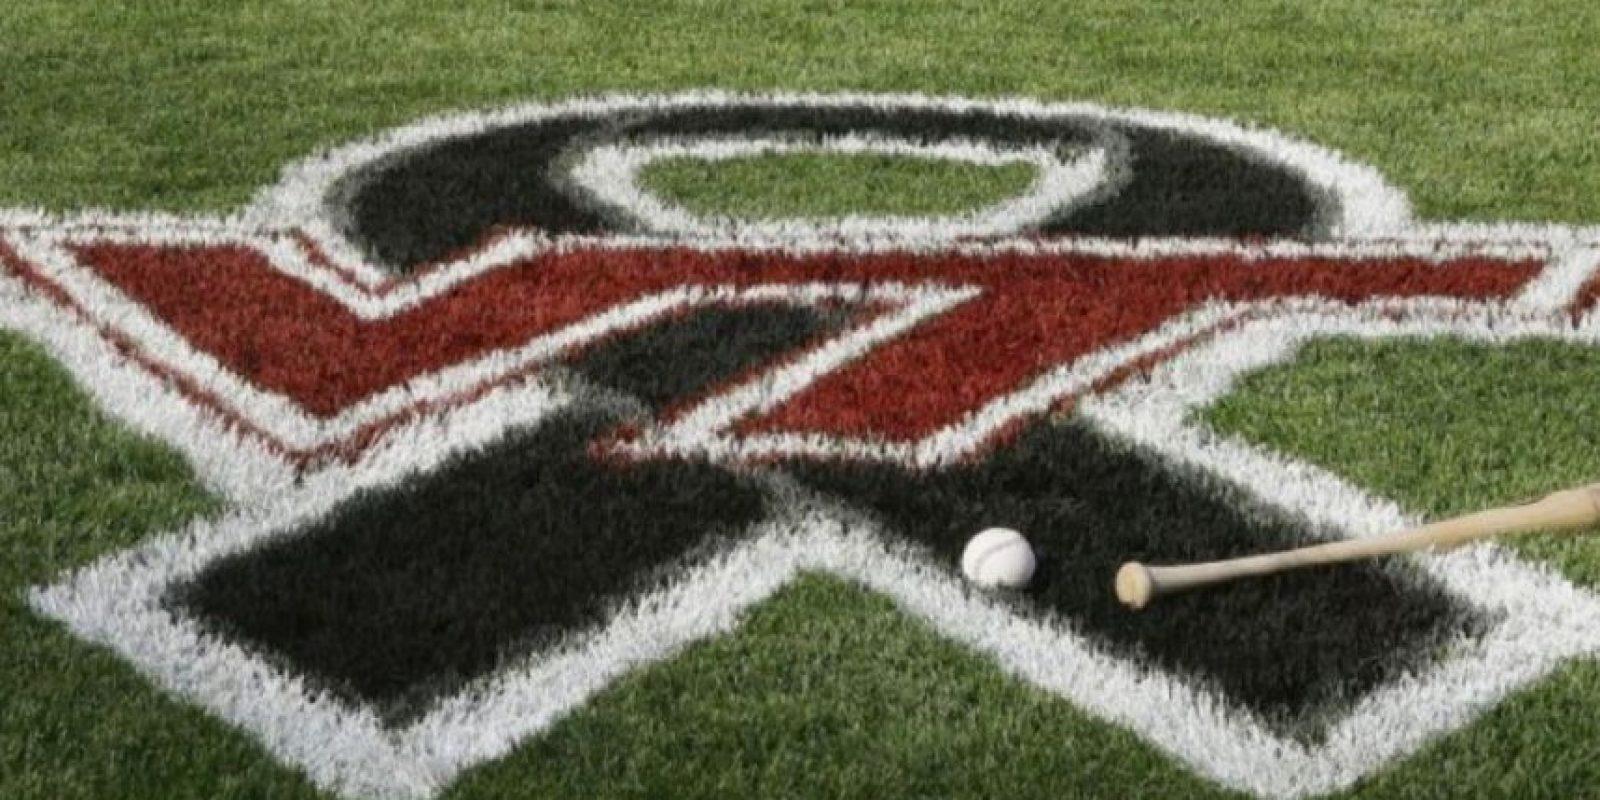 32 personas fueron asesinadas en el estadio Virgina Tech. Foto:Getty Images